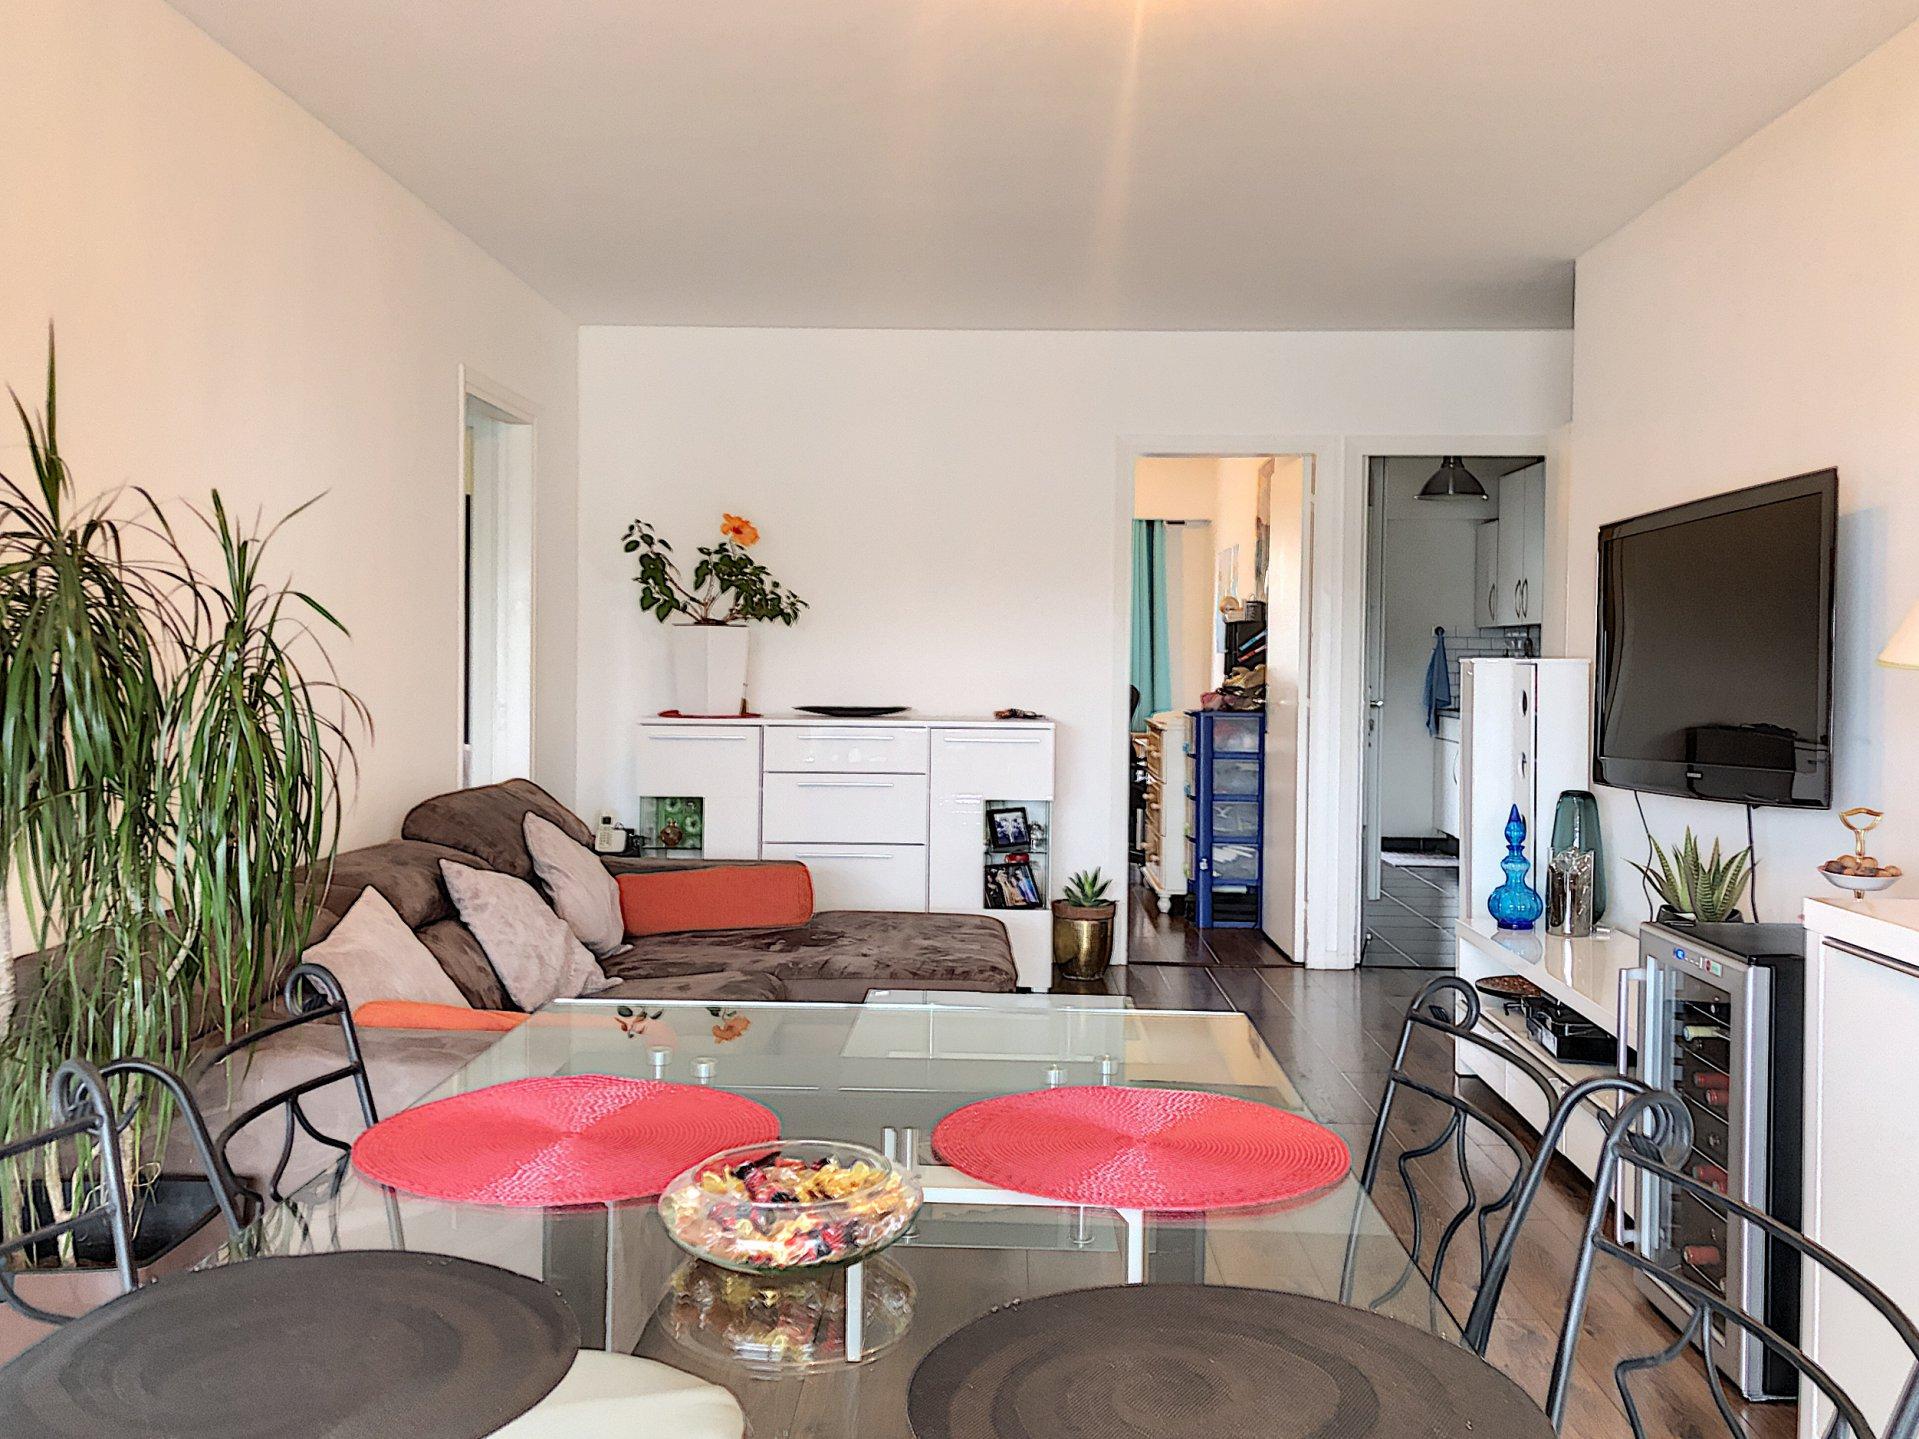 Saint-Laurent-du-Var (06700) - Appartement - 4 pièces - terrasse - balcon